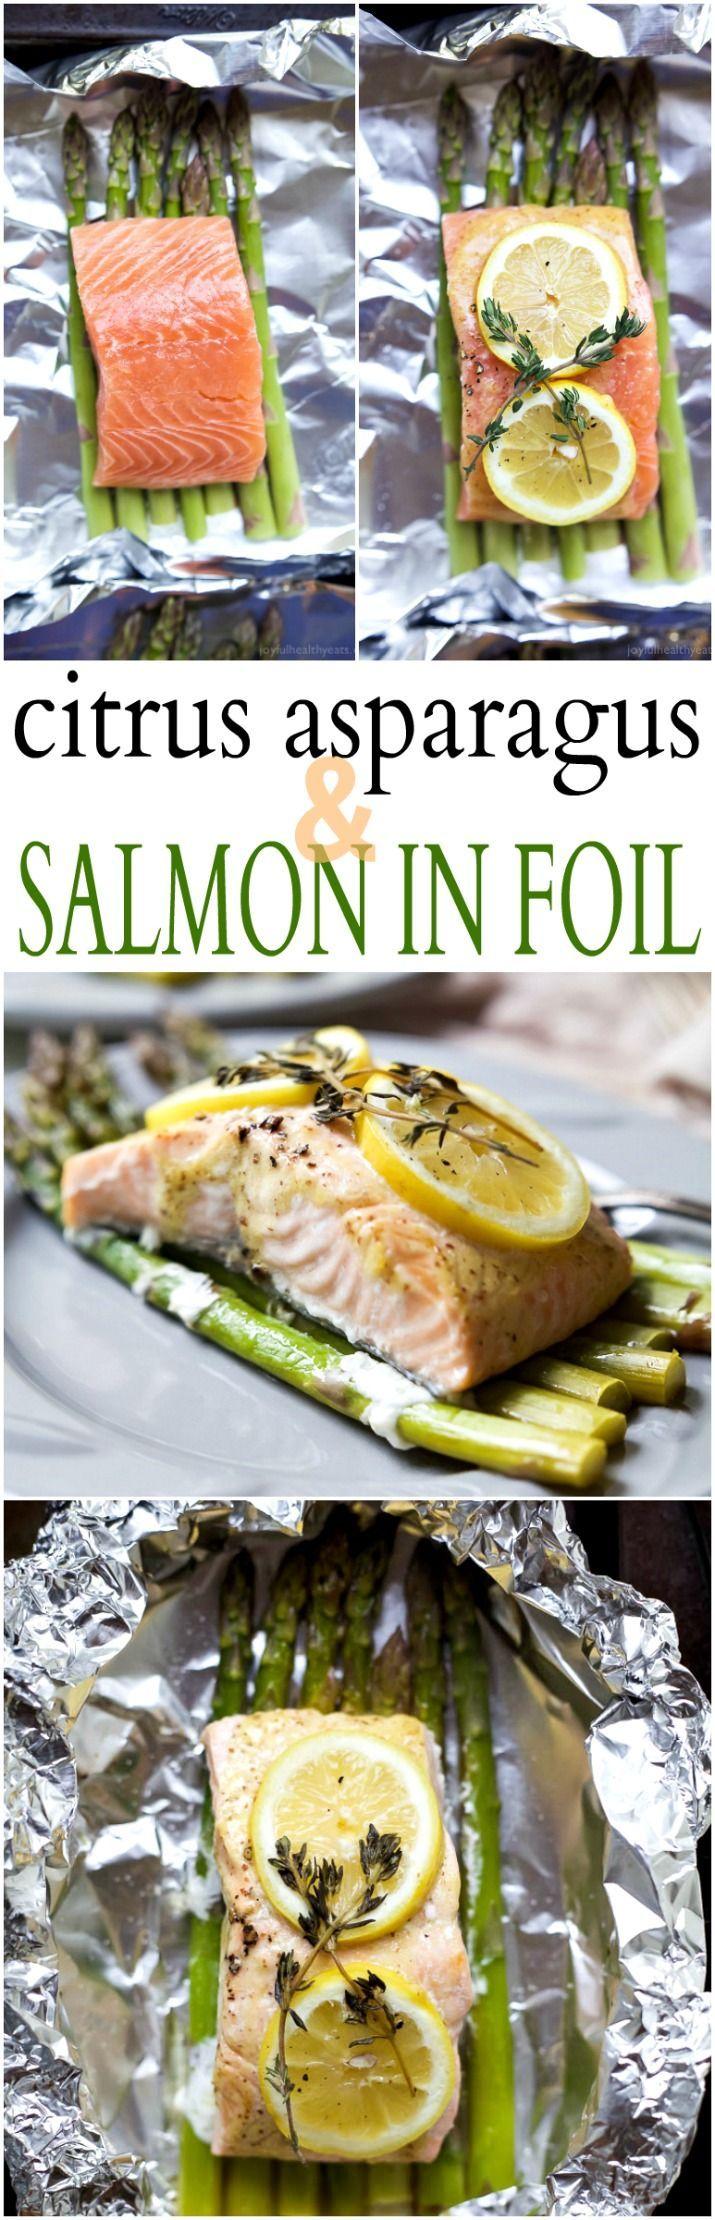 Best 25 salmon foil ideas on pinterest baked samon for How to bake swai fish in foil